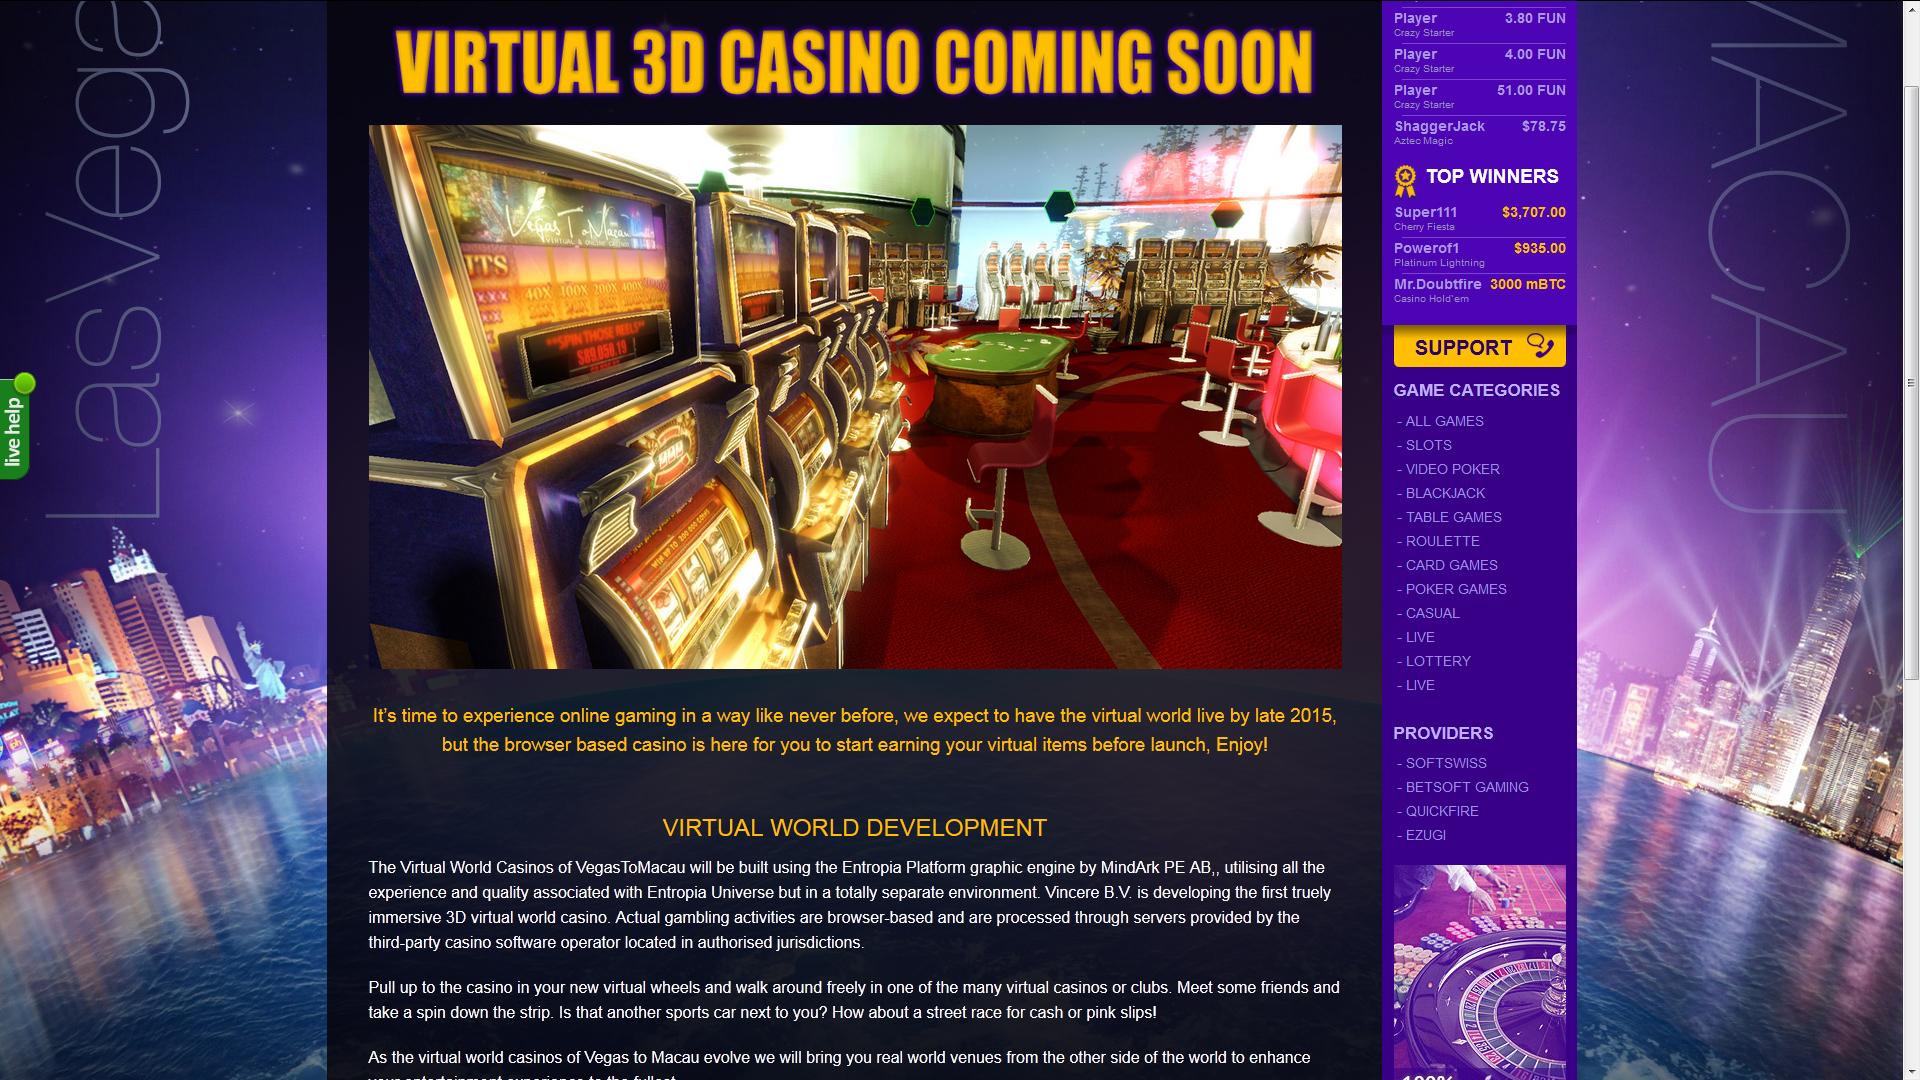 новое онлайн казино softswiss everum